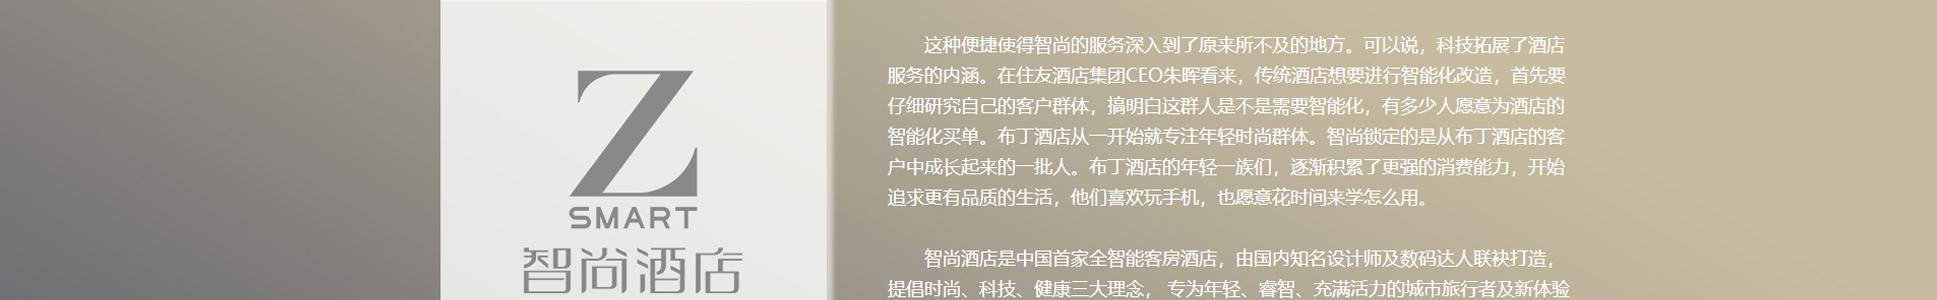 Zsmart智尚酒店zsjd_10